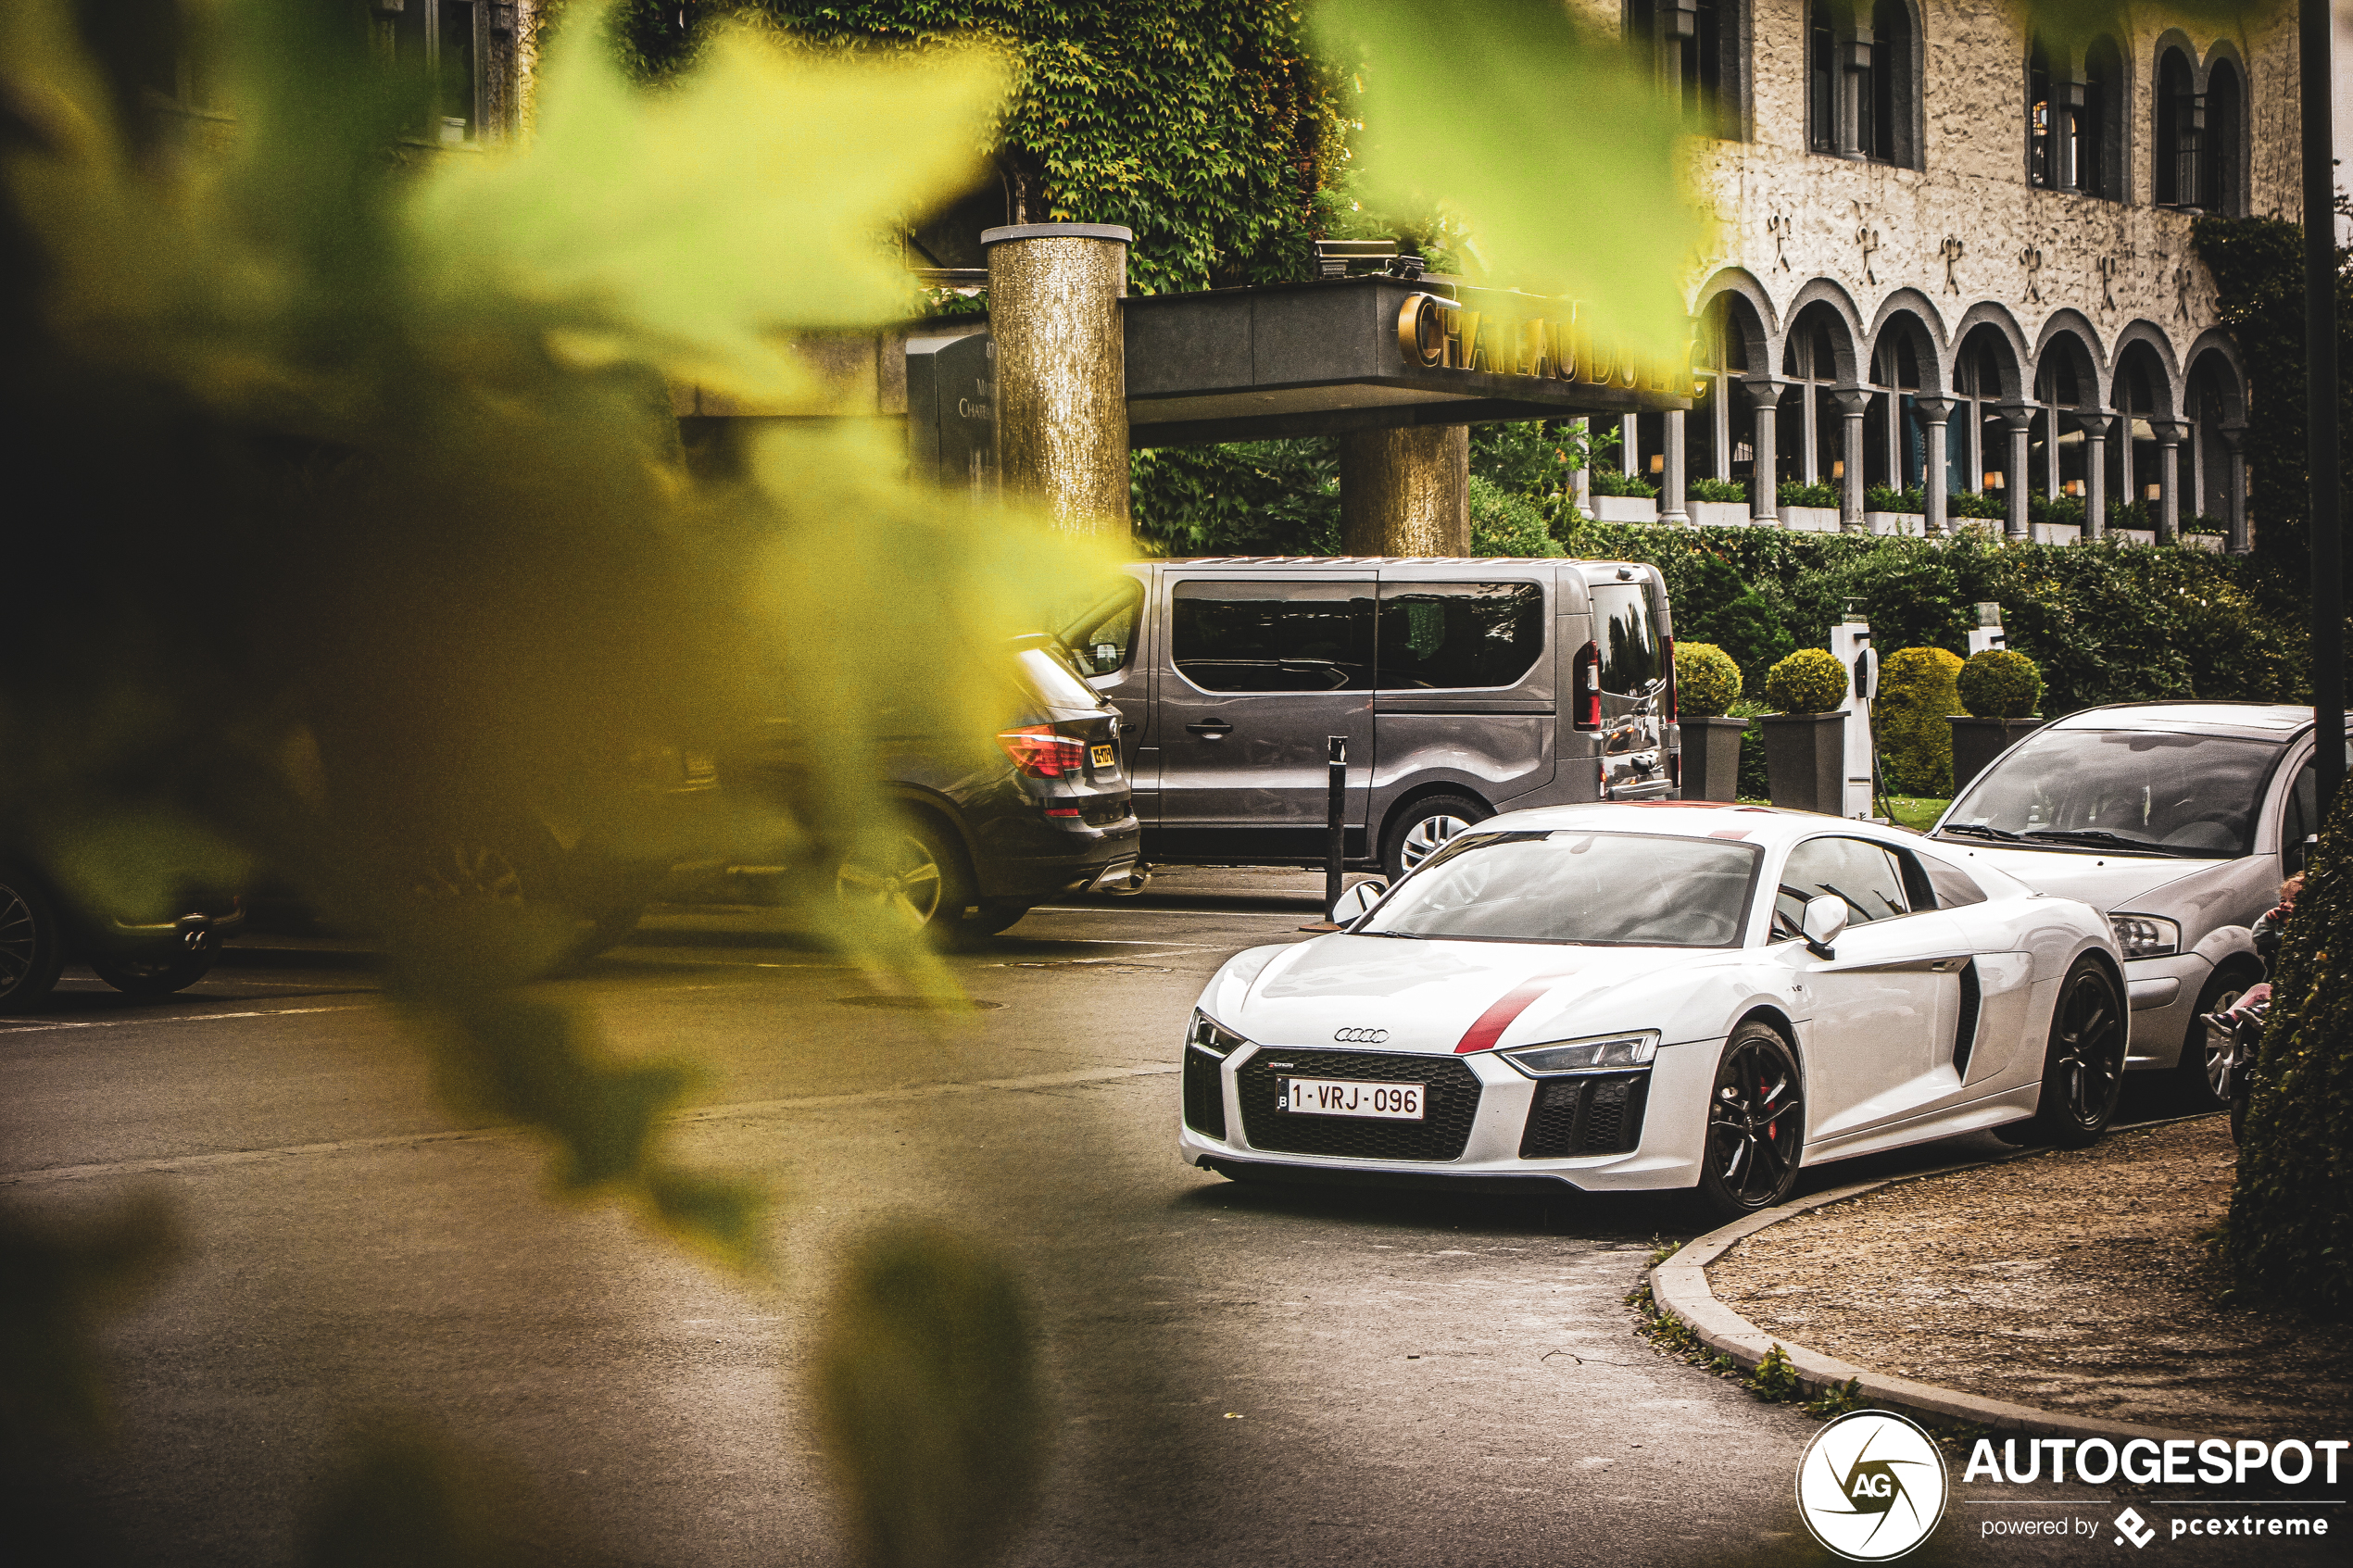 AudiR8 V10 RWS